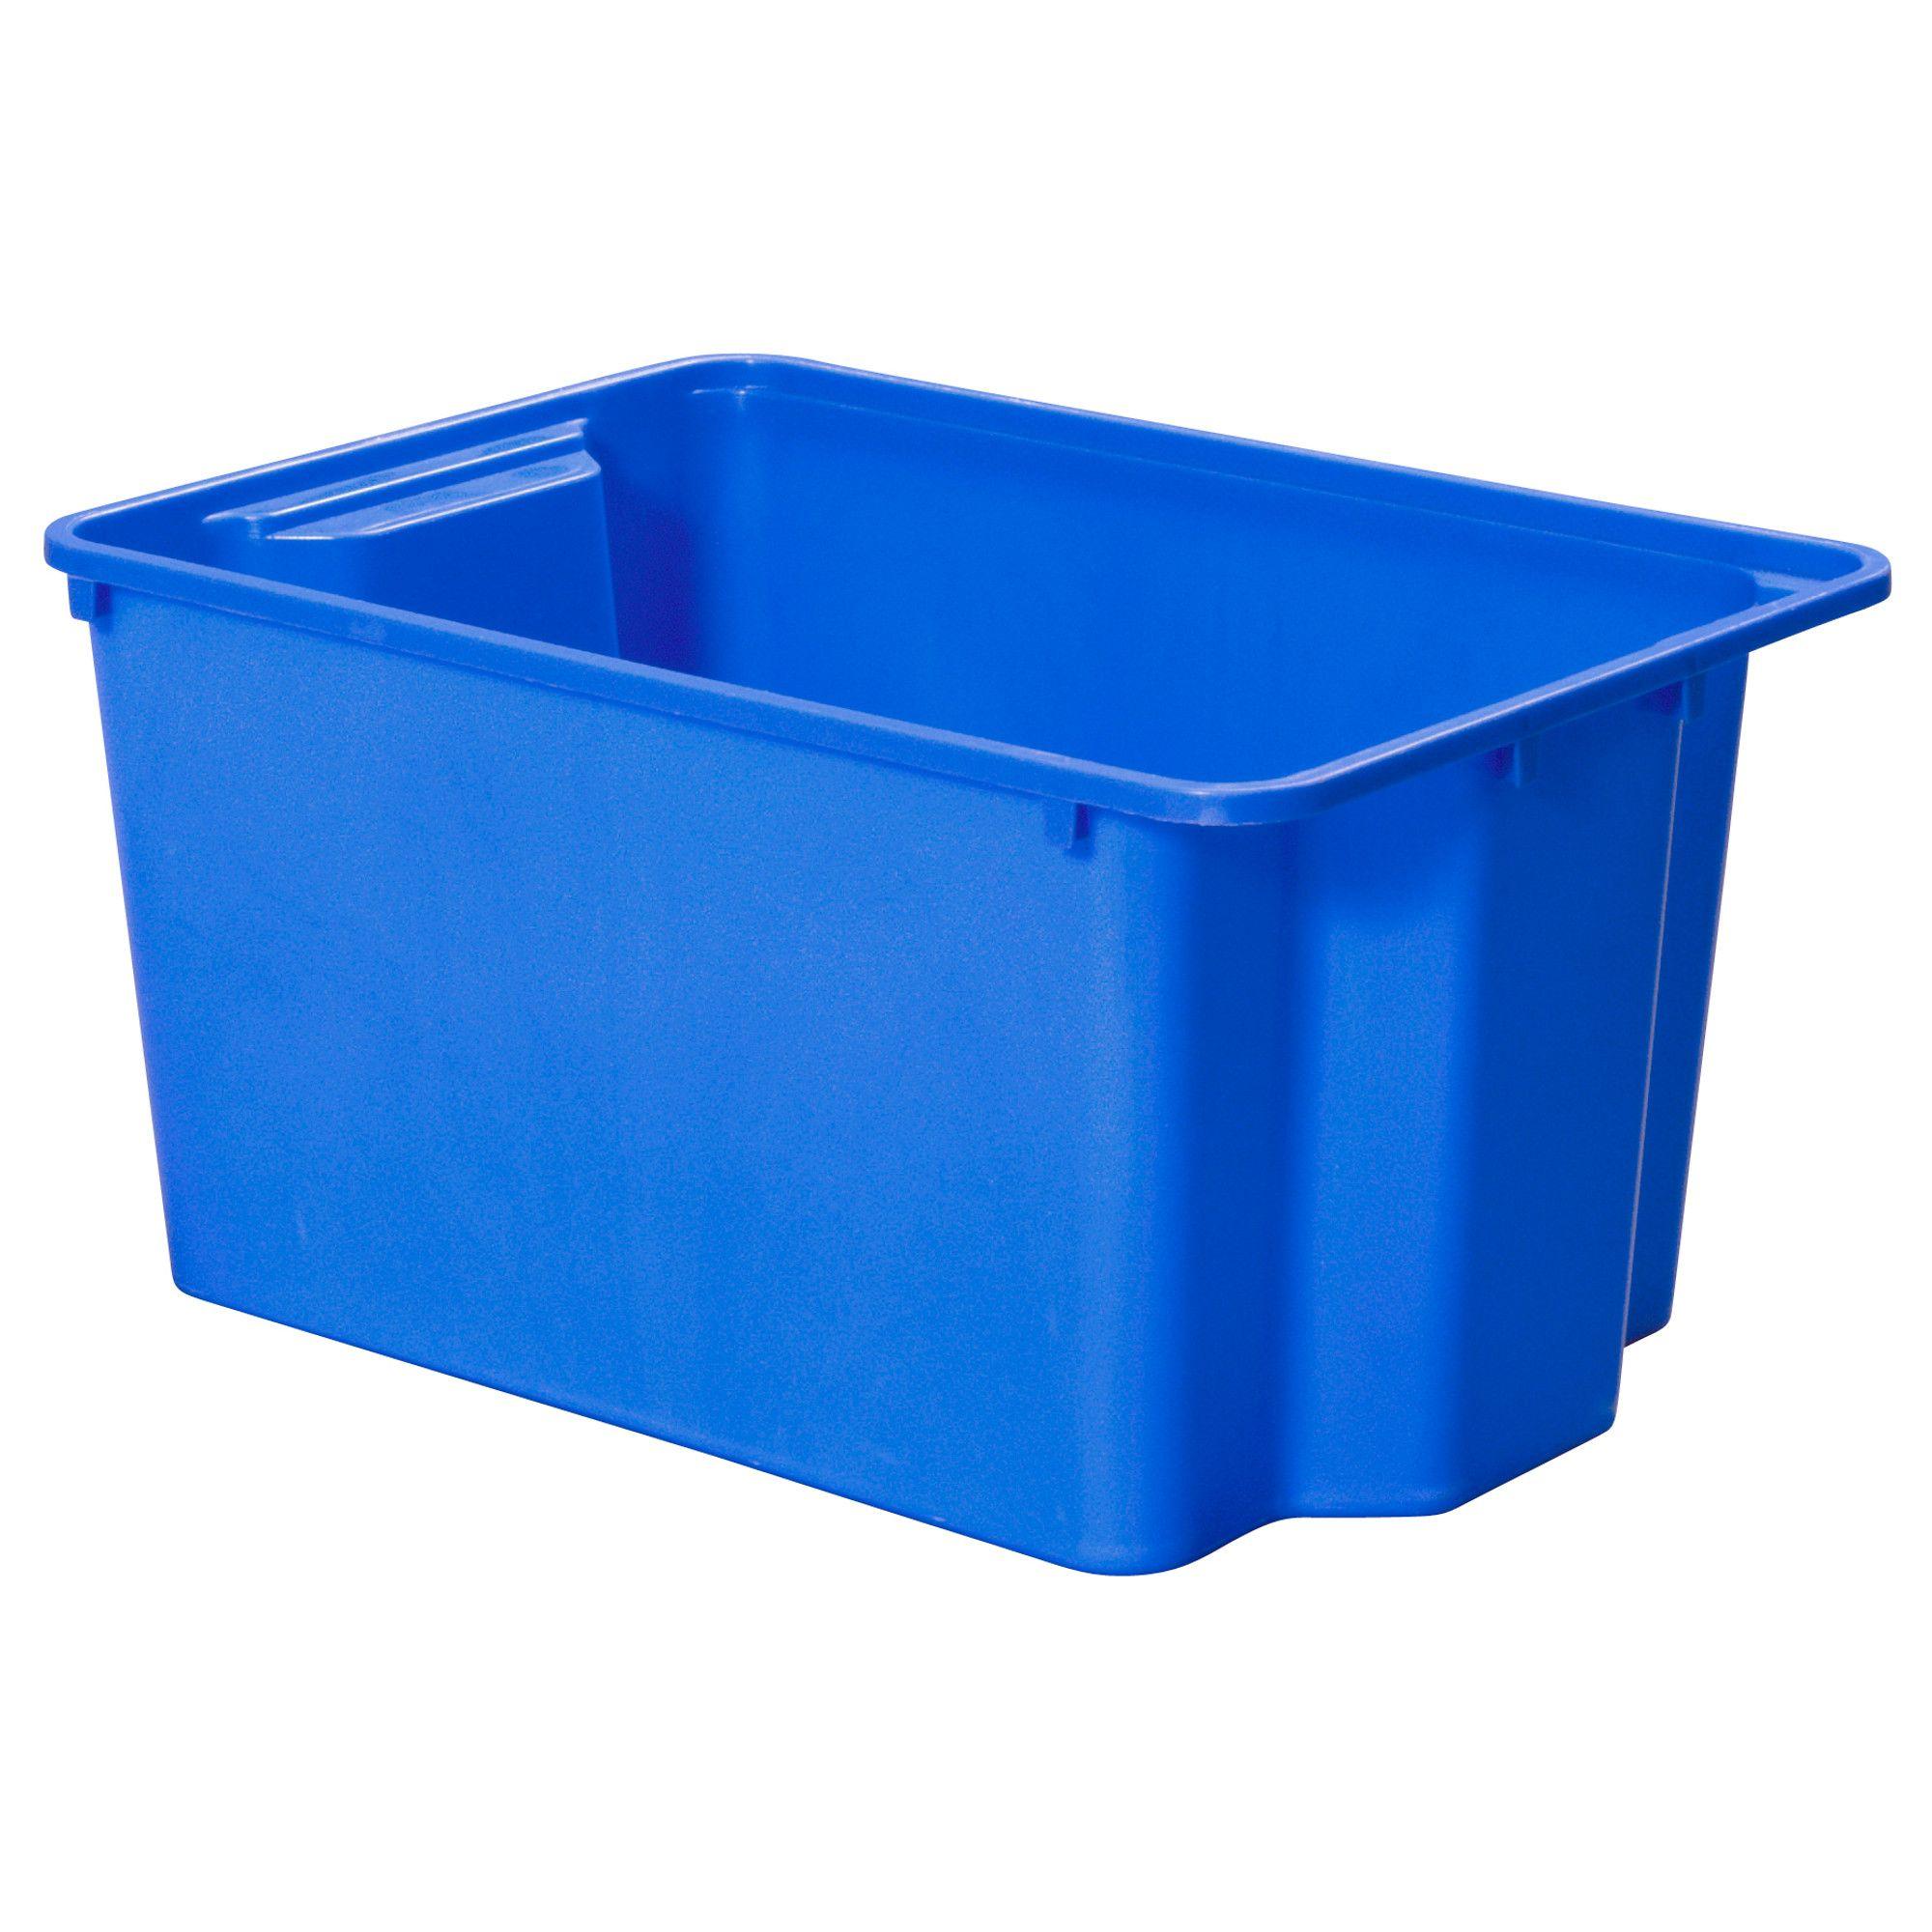 Mobili E Accessori Per L Arredamento Della Casa Plastic Storage Bins Storage Bins Ikea